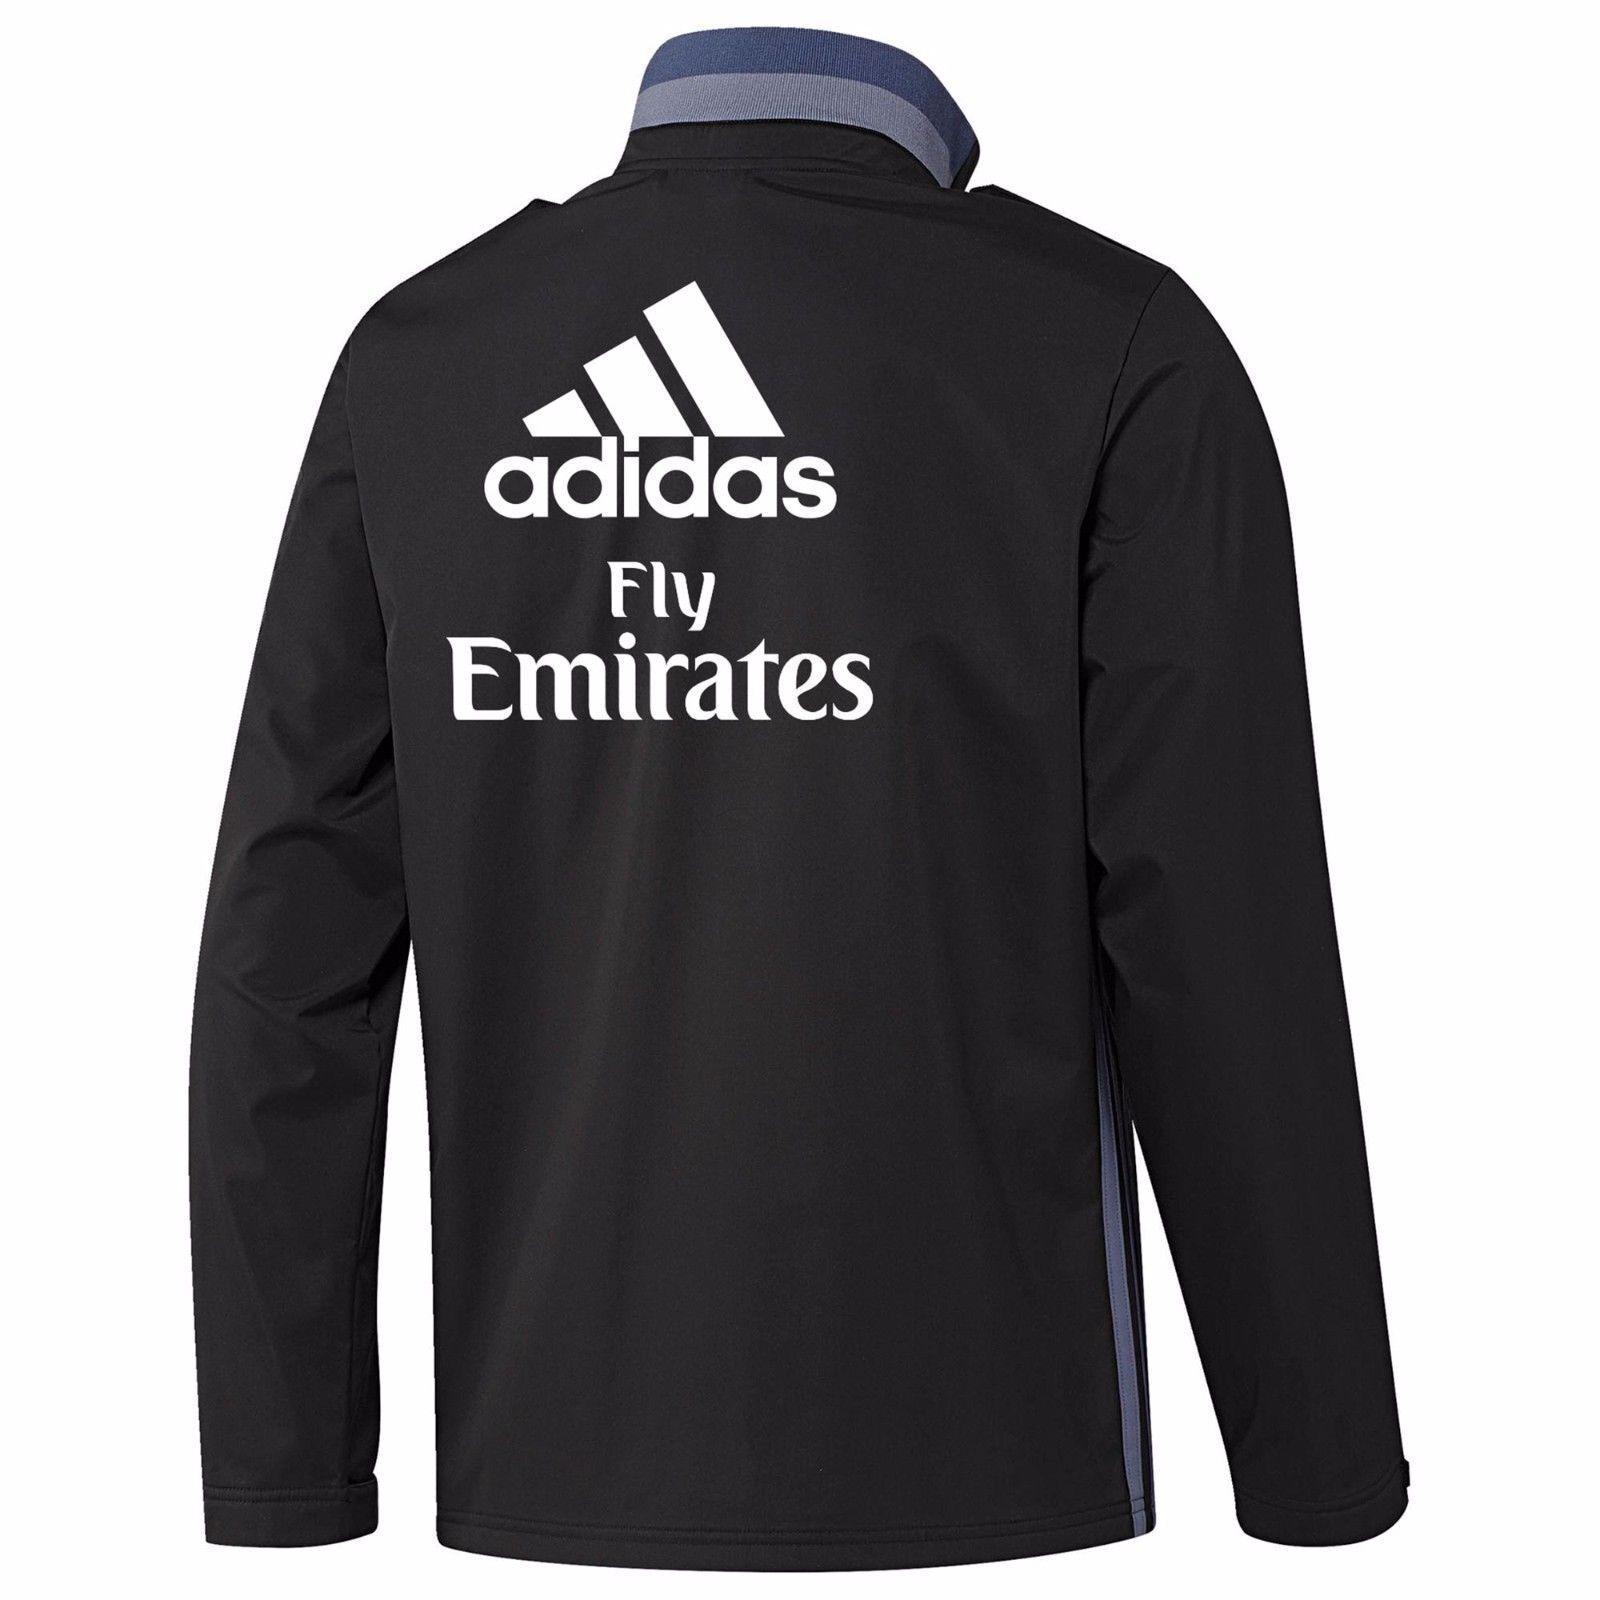 Adidas Real Madrid Viaje Viaje Viaje Chaqueta Negra e3dada